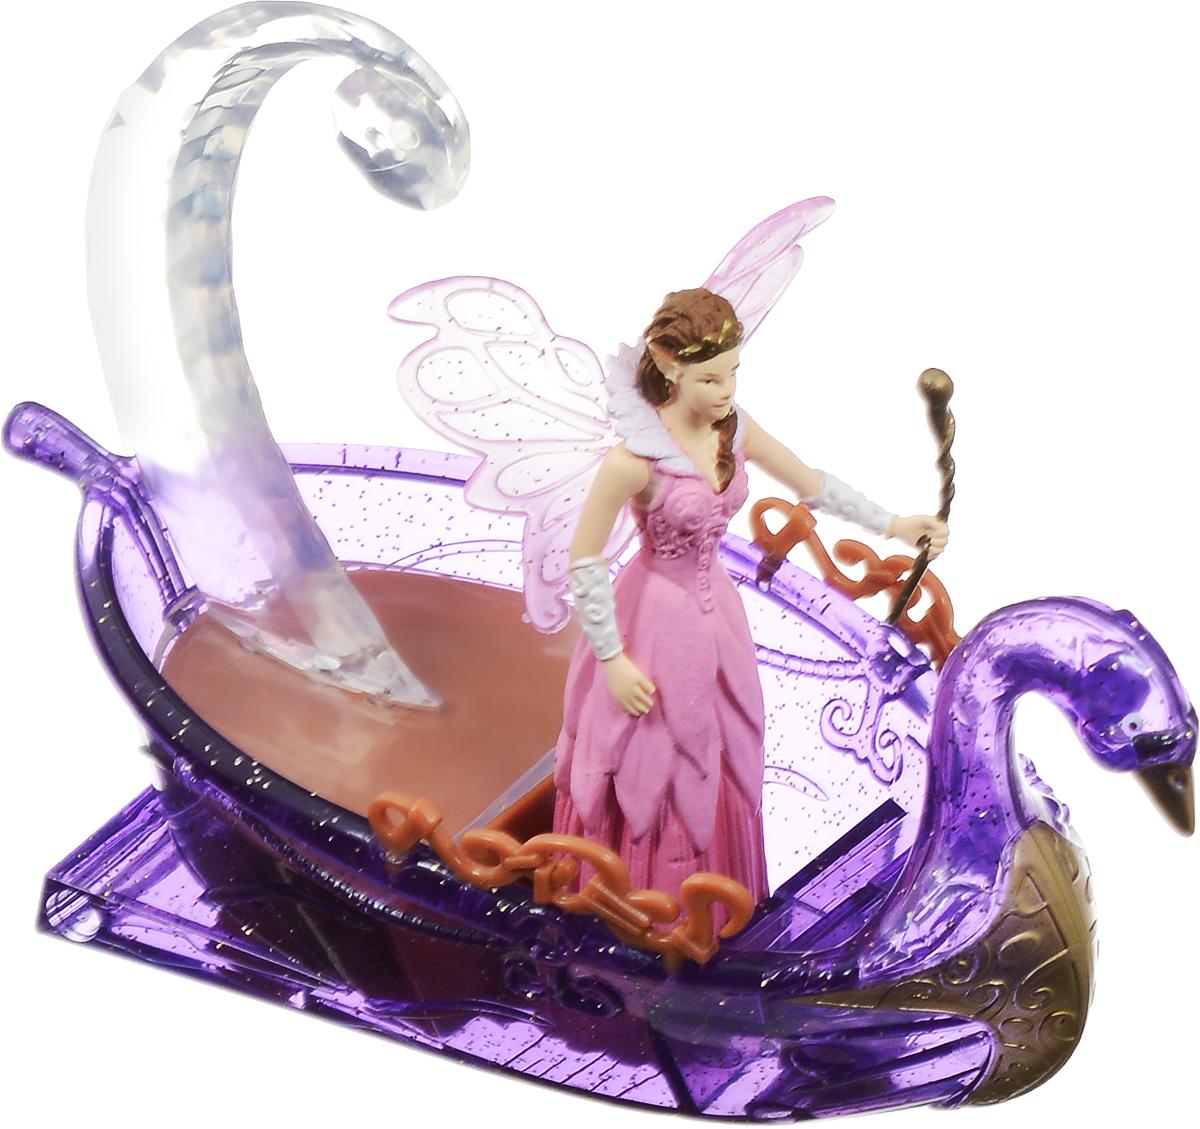 Simba Фигурка Фея в лодке4414474Этот набор из серии Magic Fairies состоит из фигурки волшебной красавицы-феи и ее лодки. У лодки имеются световые эффекты. Такая игрушка не только поможет малышке развить фантазию и воображение, но и перенесет ее в мир волшебства и сказочных фей. Рекомендуется докупить 2 батарейки напряжением 1,5V типа LR44 (товар комплектуется демонстрационными).